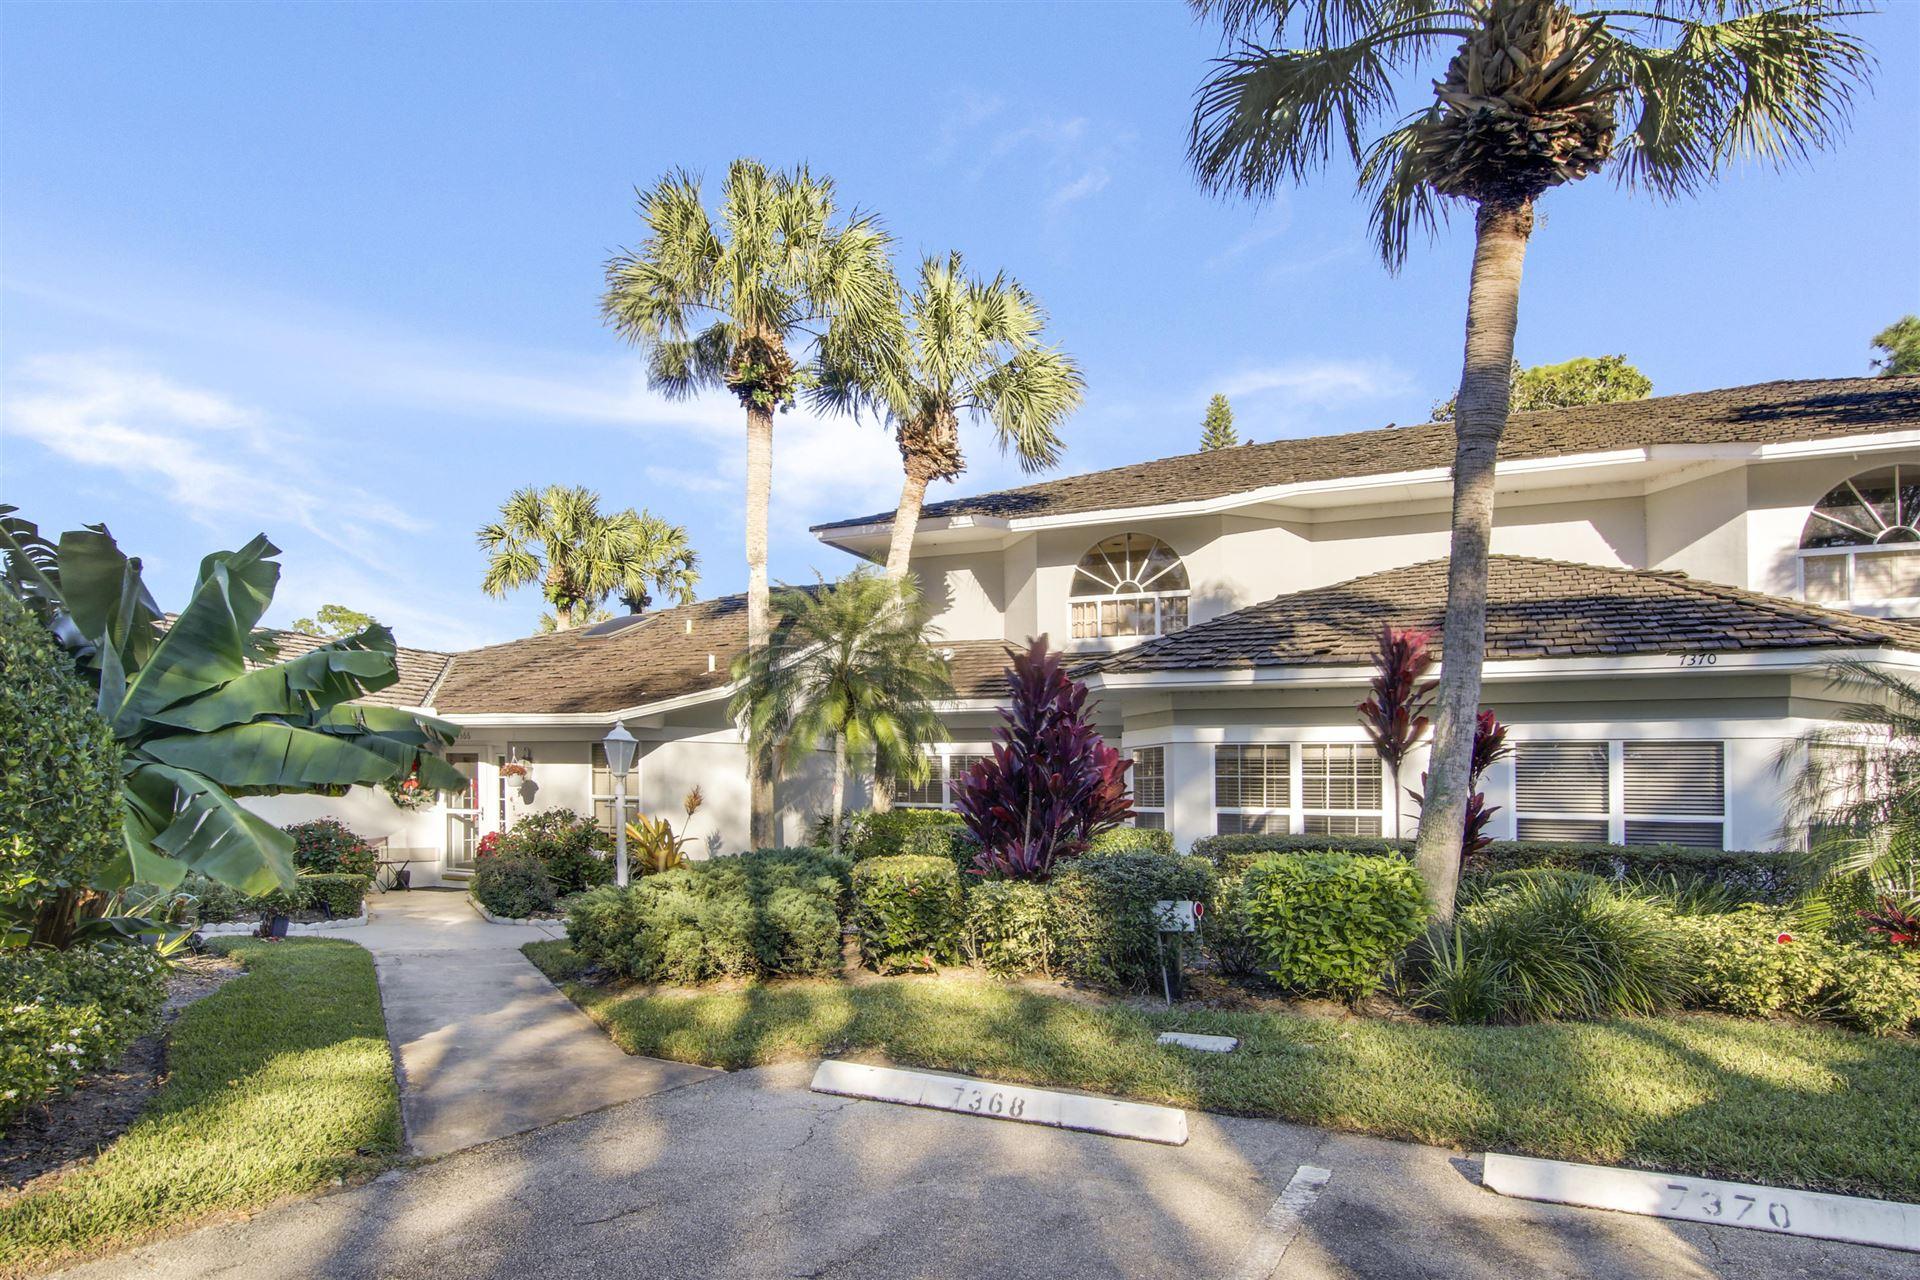 7368 Pine Creek Way, Port Saint Lucie, FL 34986 - MLS#: RX-10677879